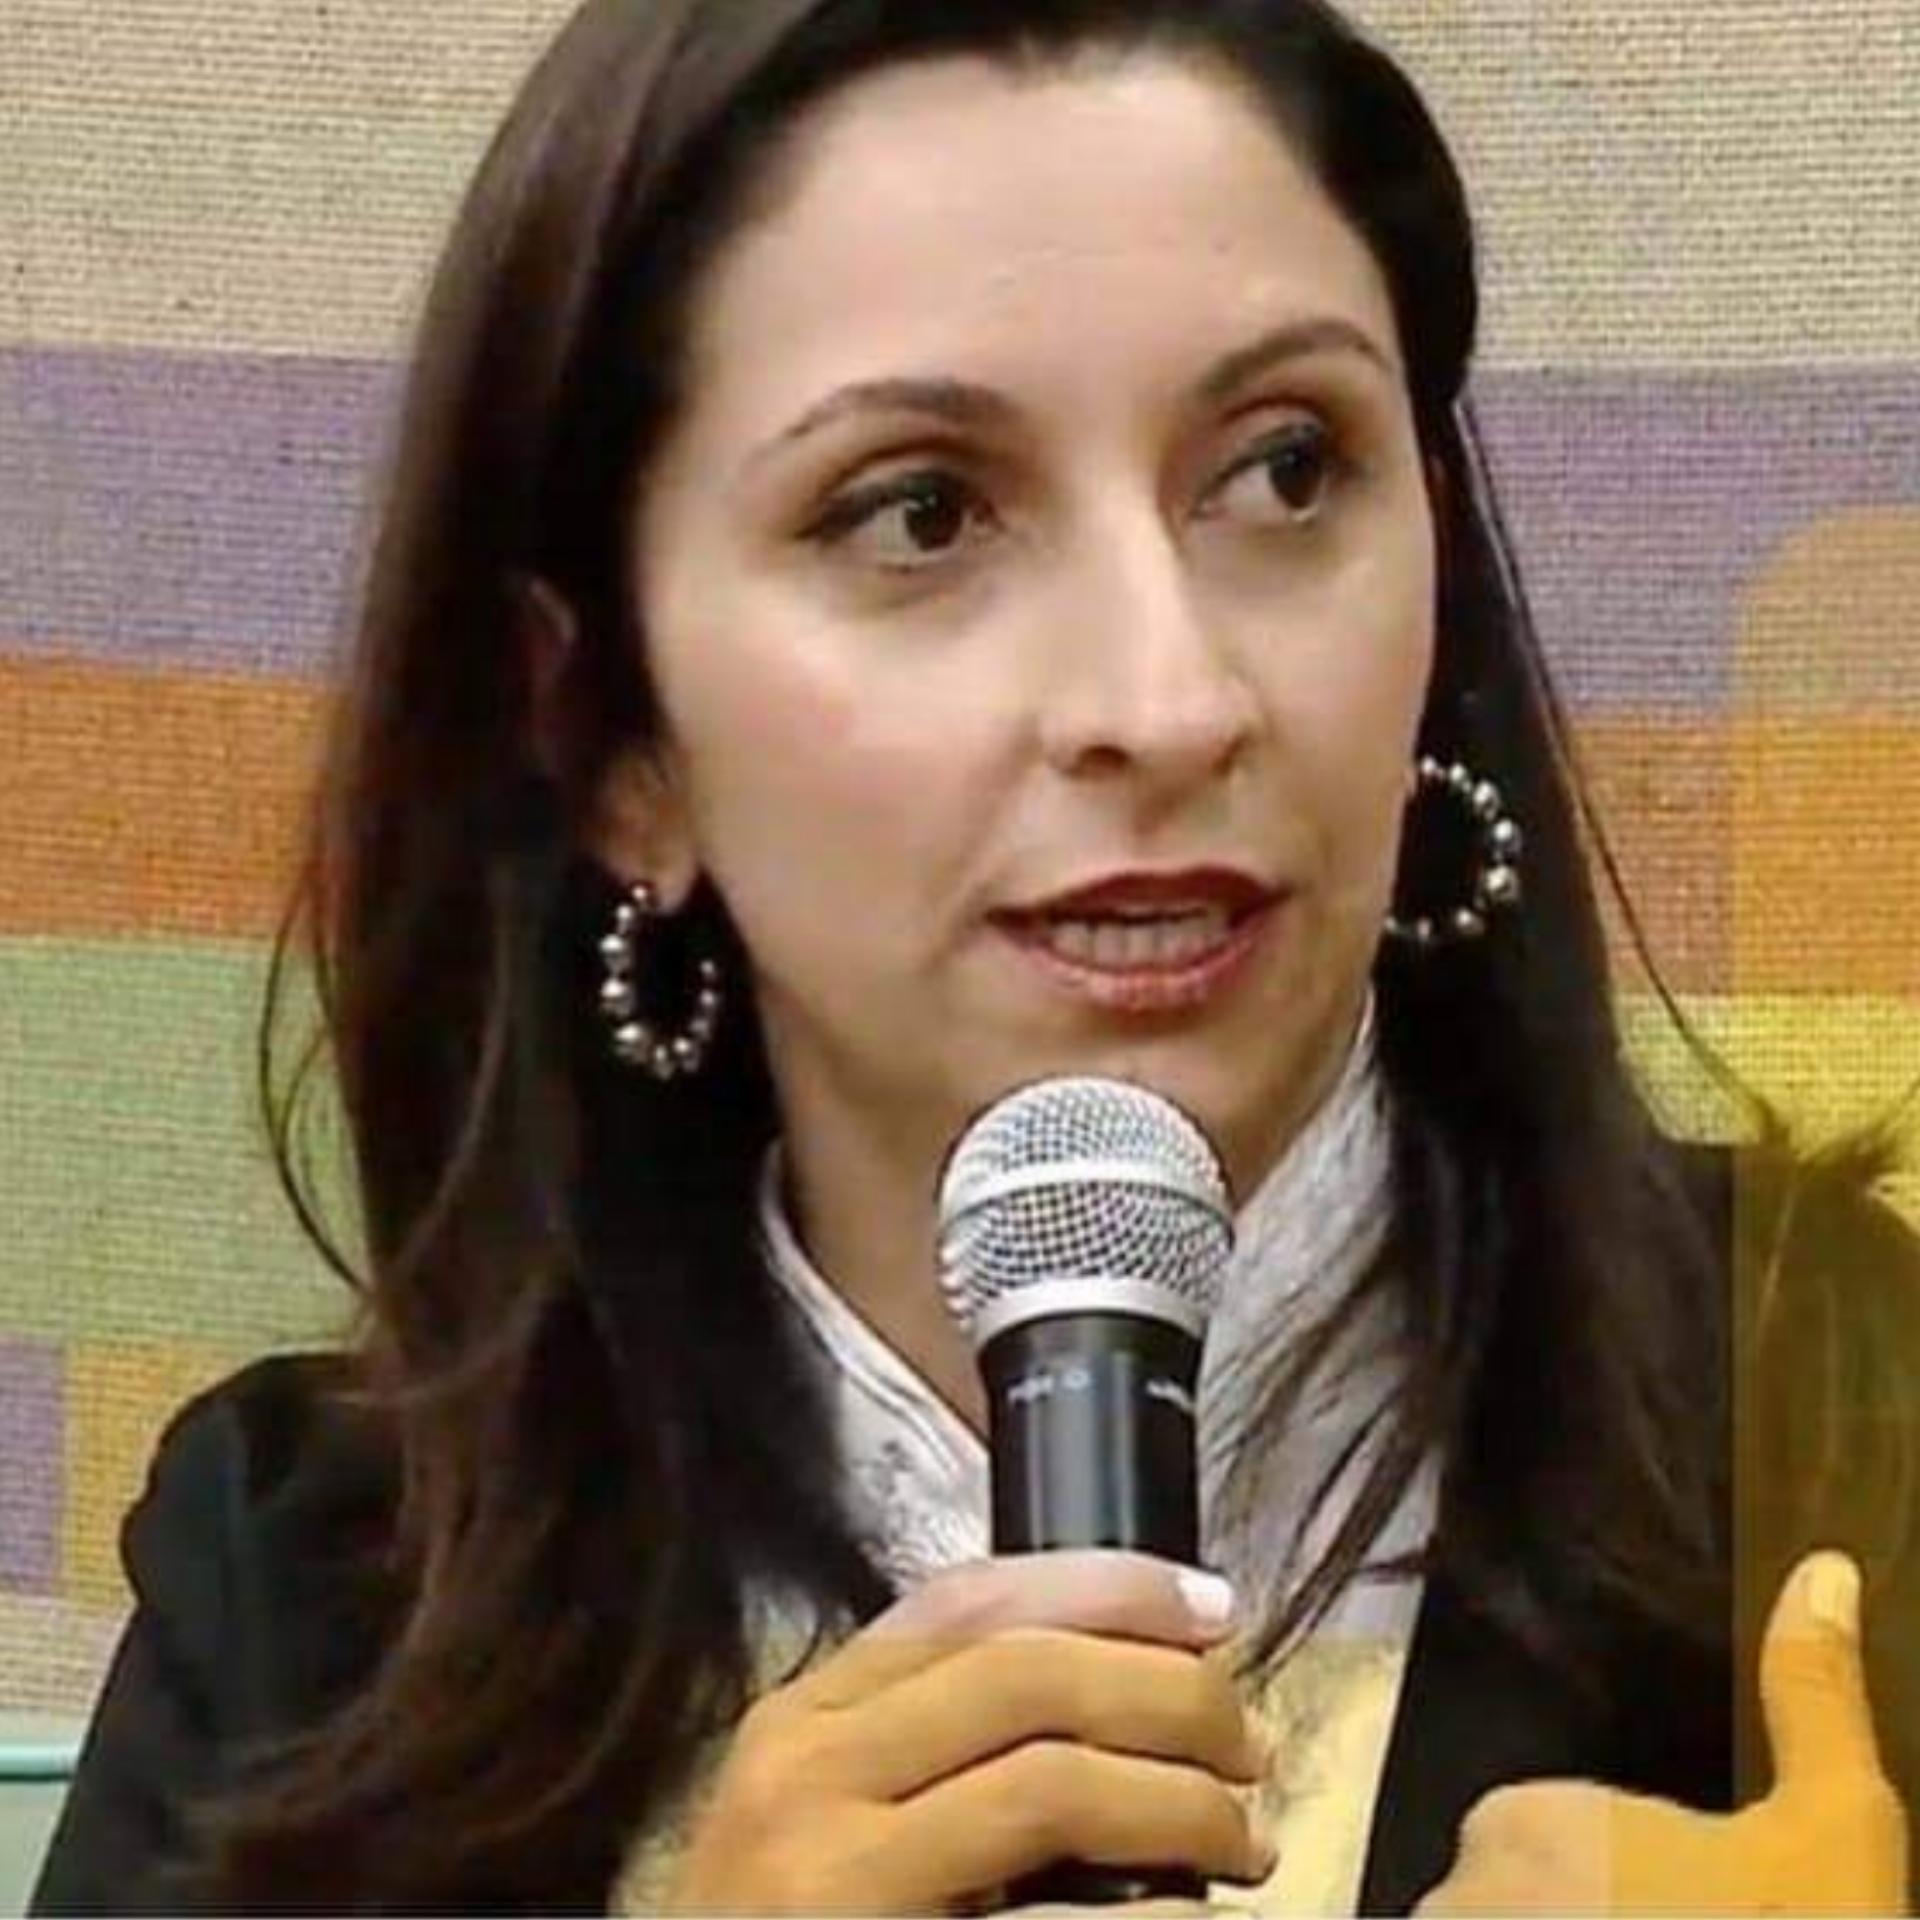 Speaker for Traditional Medicine Conference 2021 - Camille Elenne Egídio